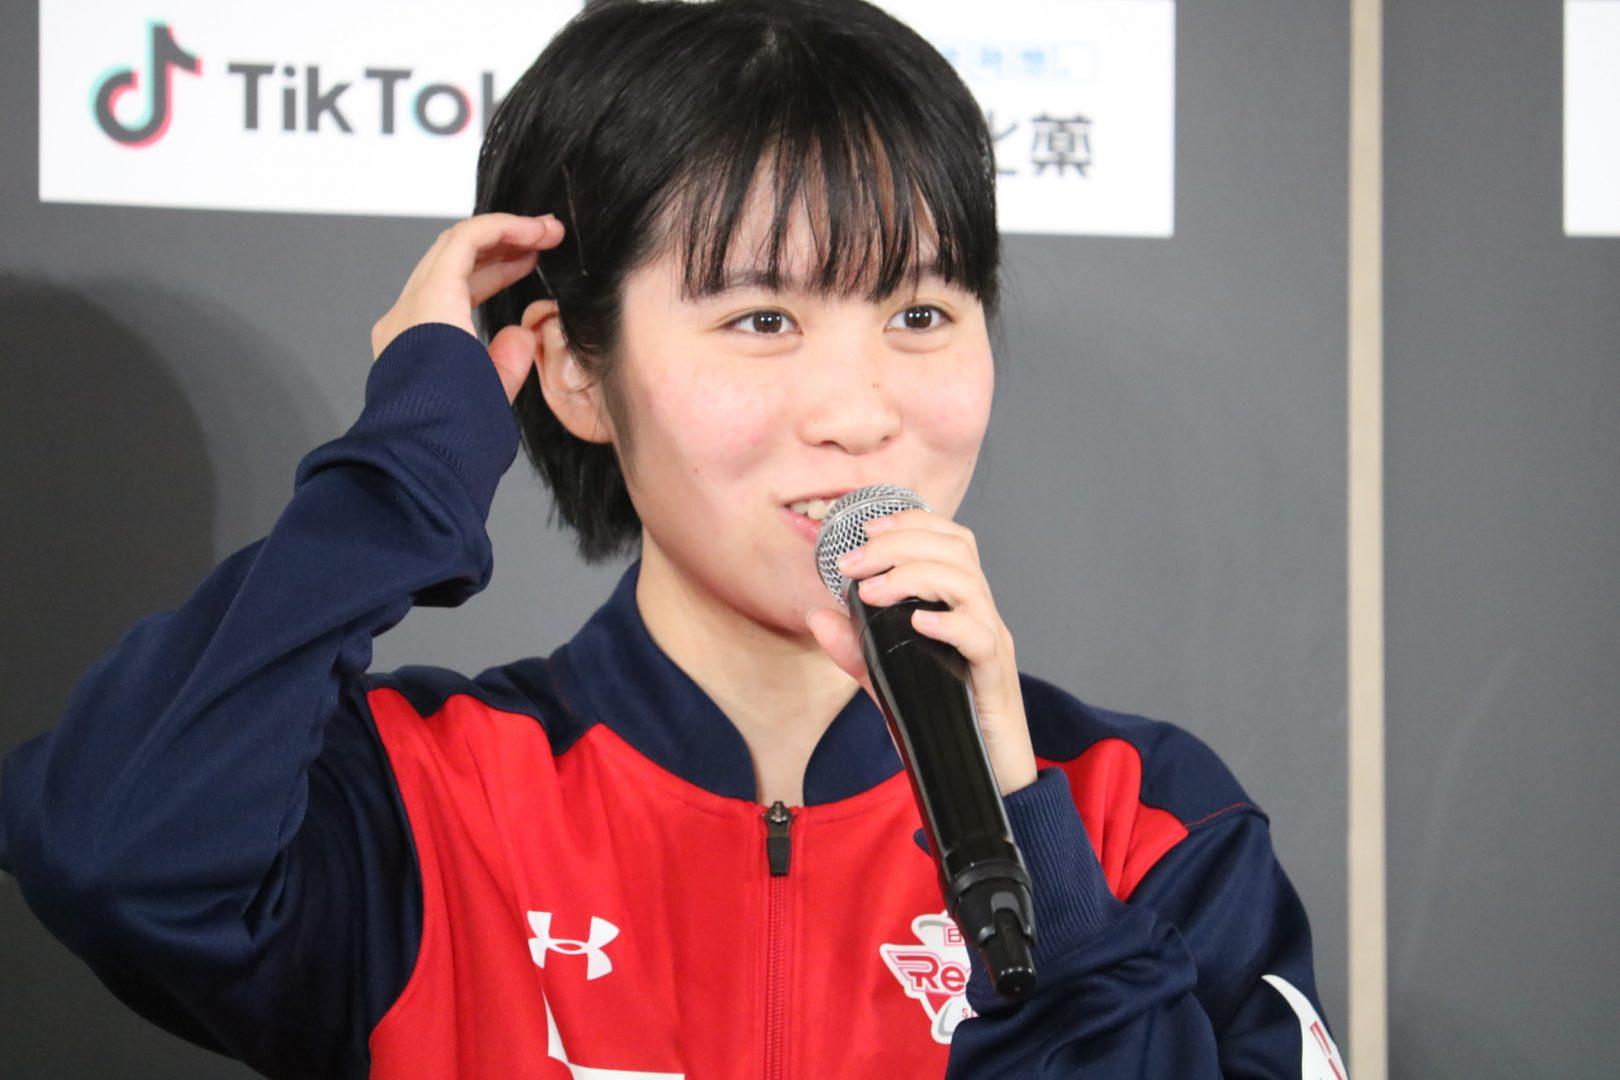 2019年 Rallys-卓球ニュースアクセスランキング ~エンタメ編~|LINE NEWS